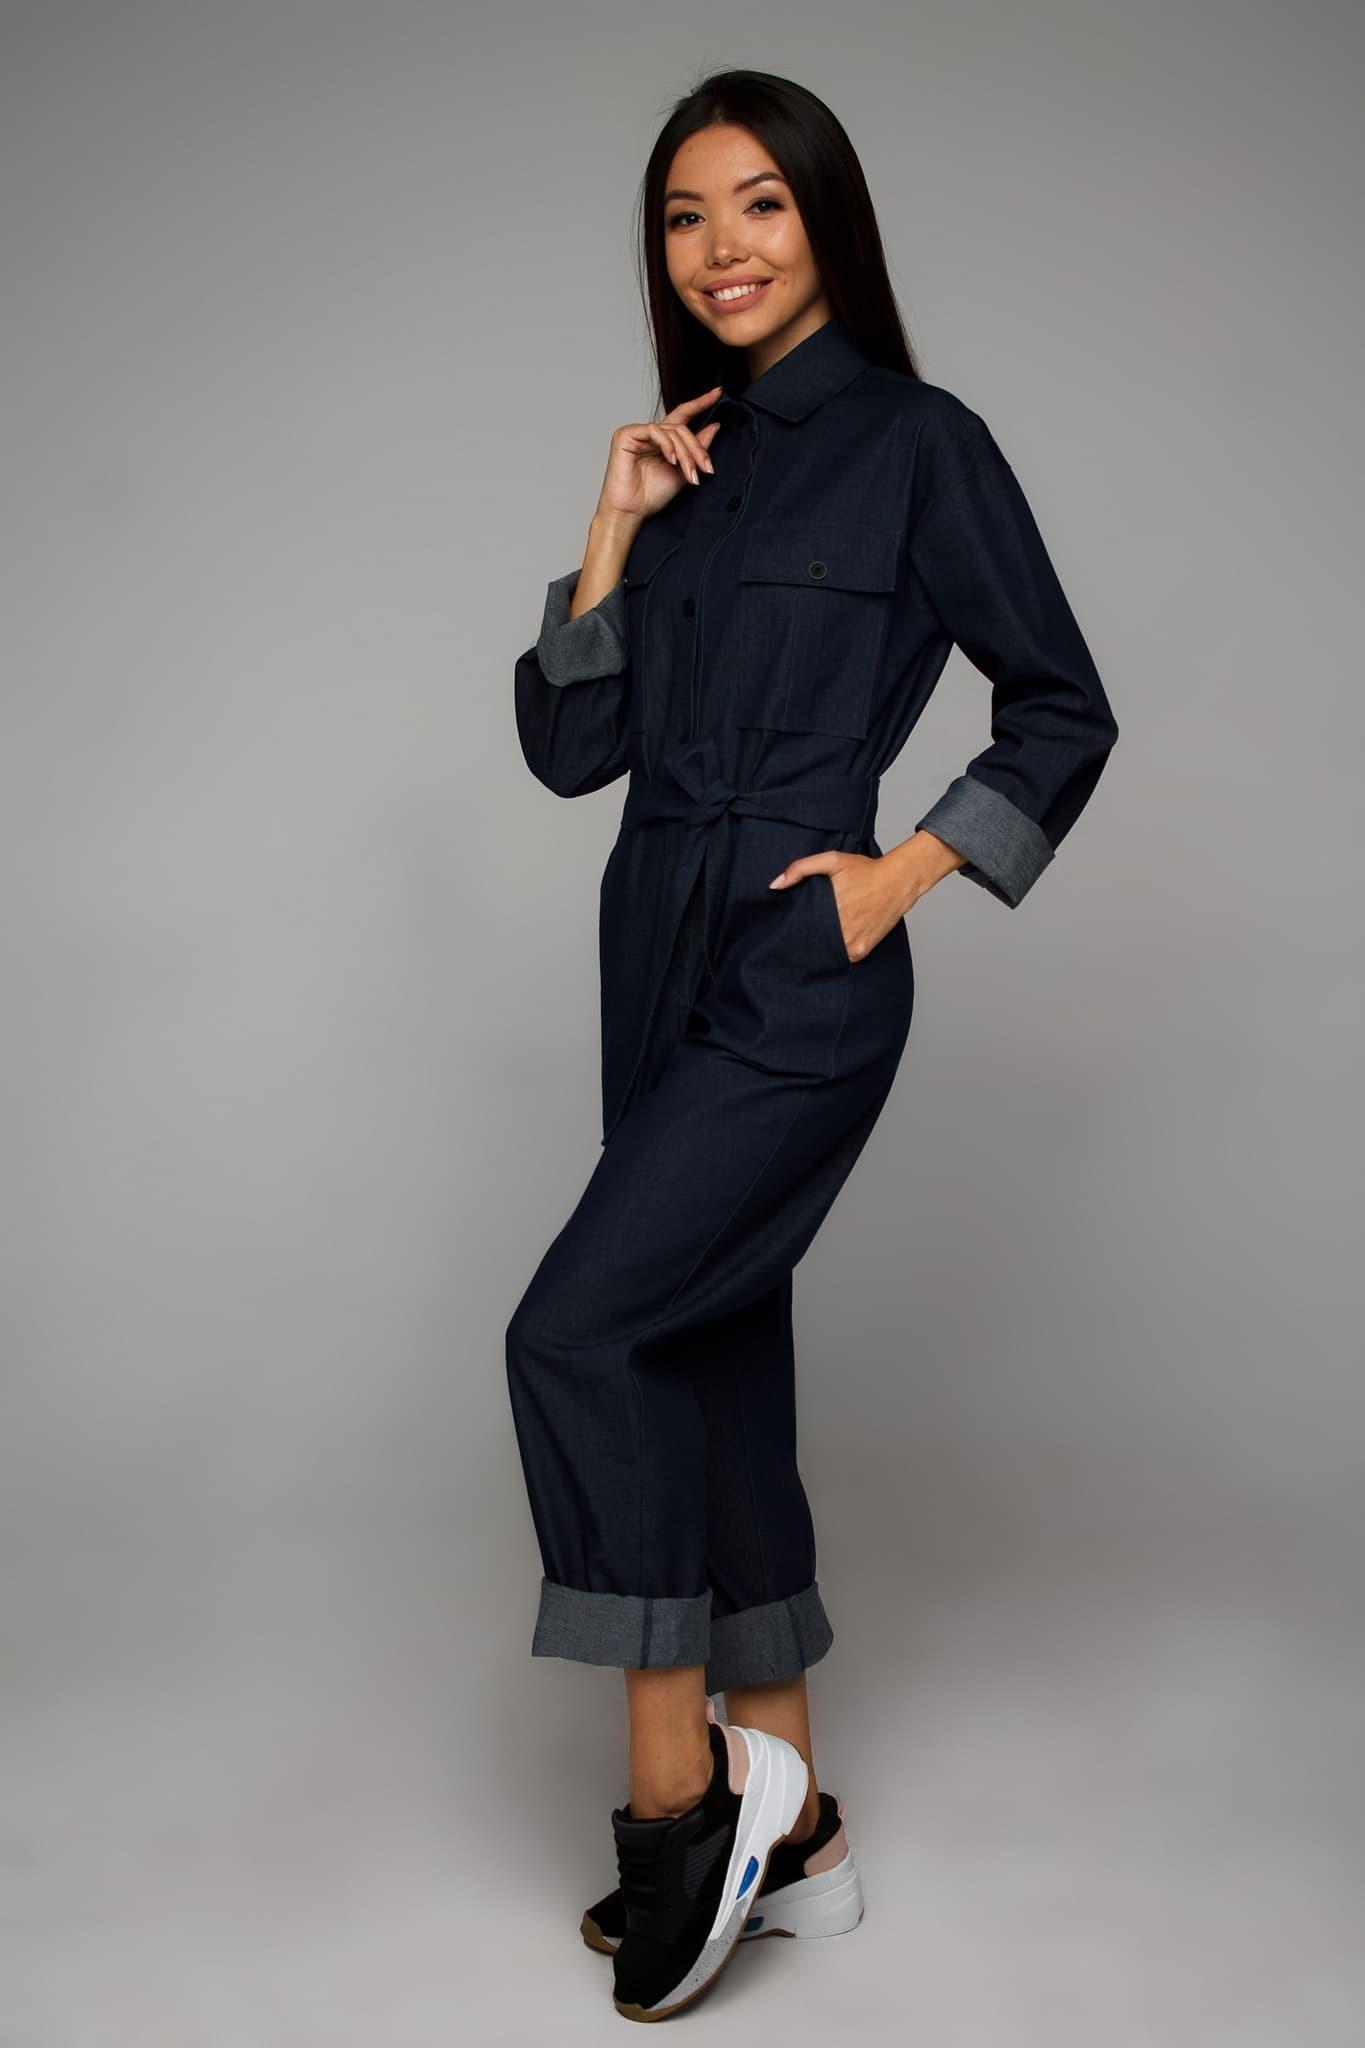 джинсовый комбинезон шорты от украинского бренда Your Own Style